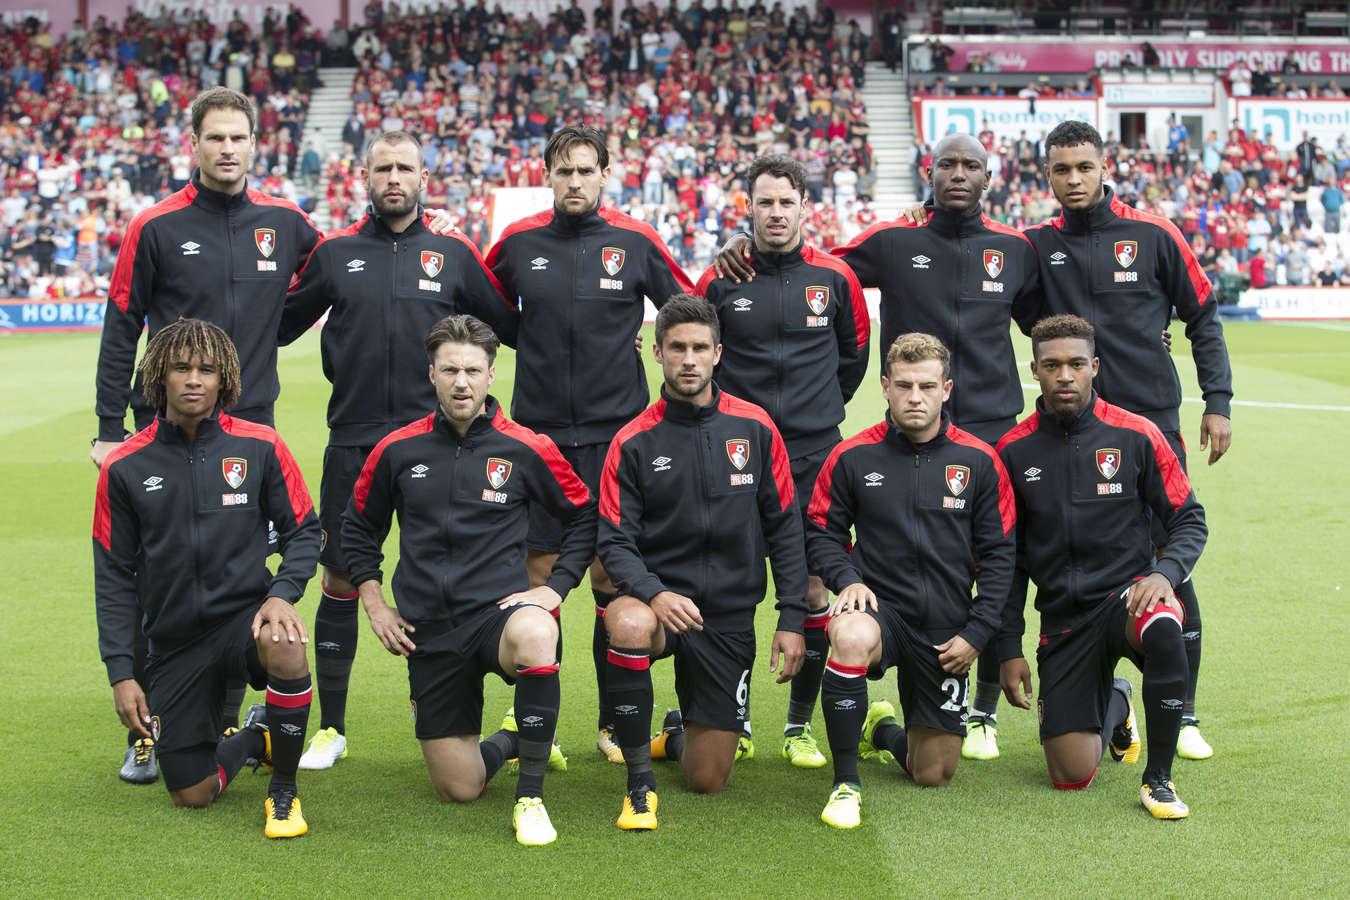 AFCB - AFC Bournemouth Official Club Website